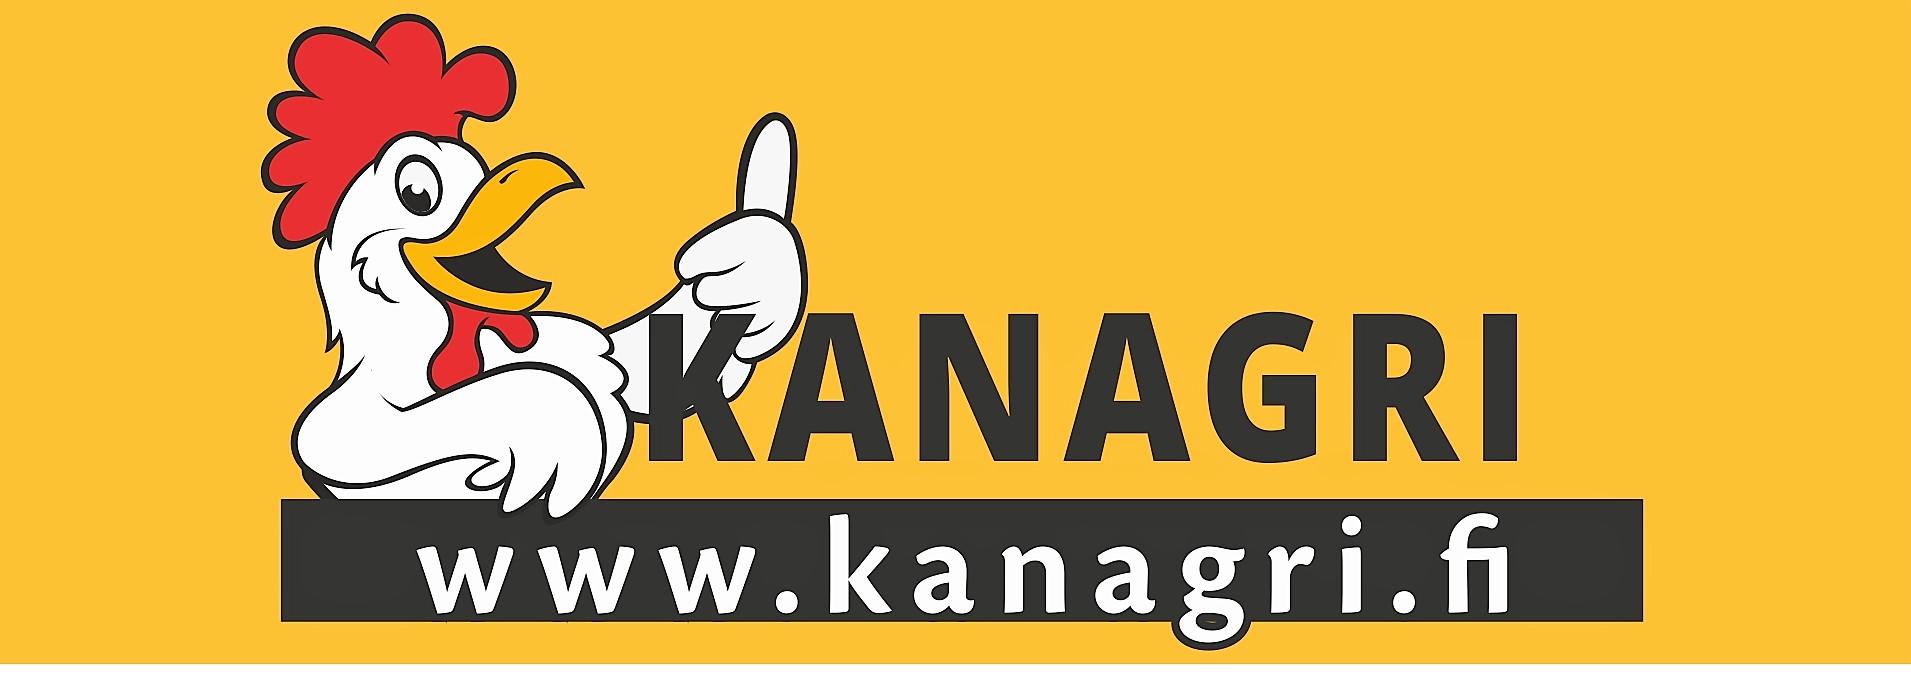 Kanagri logo